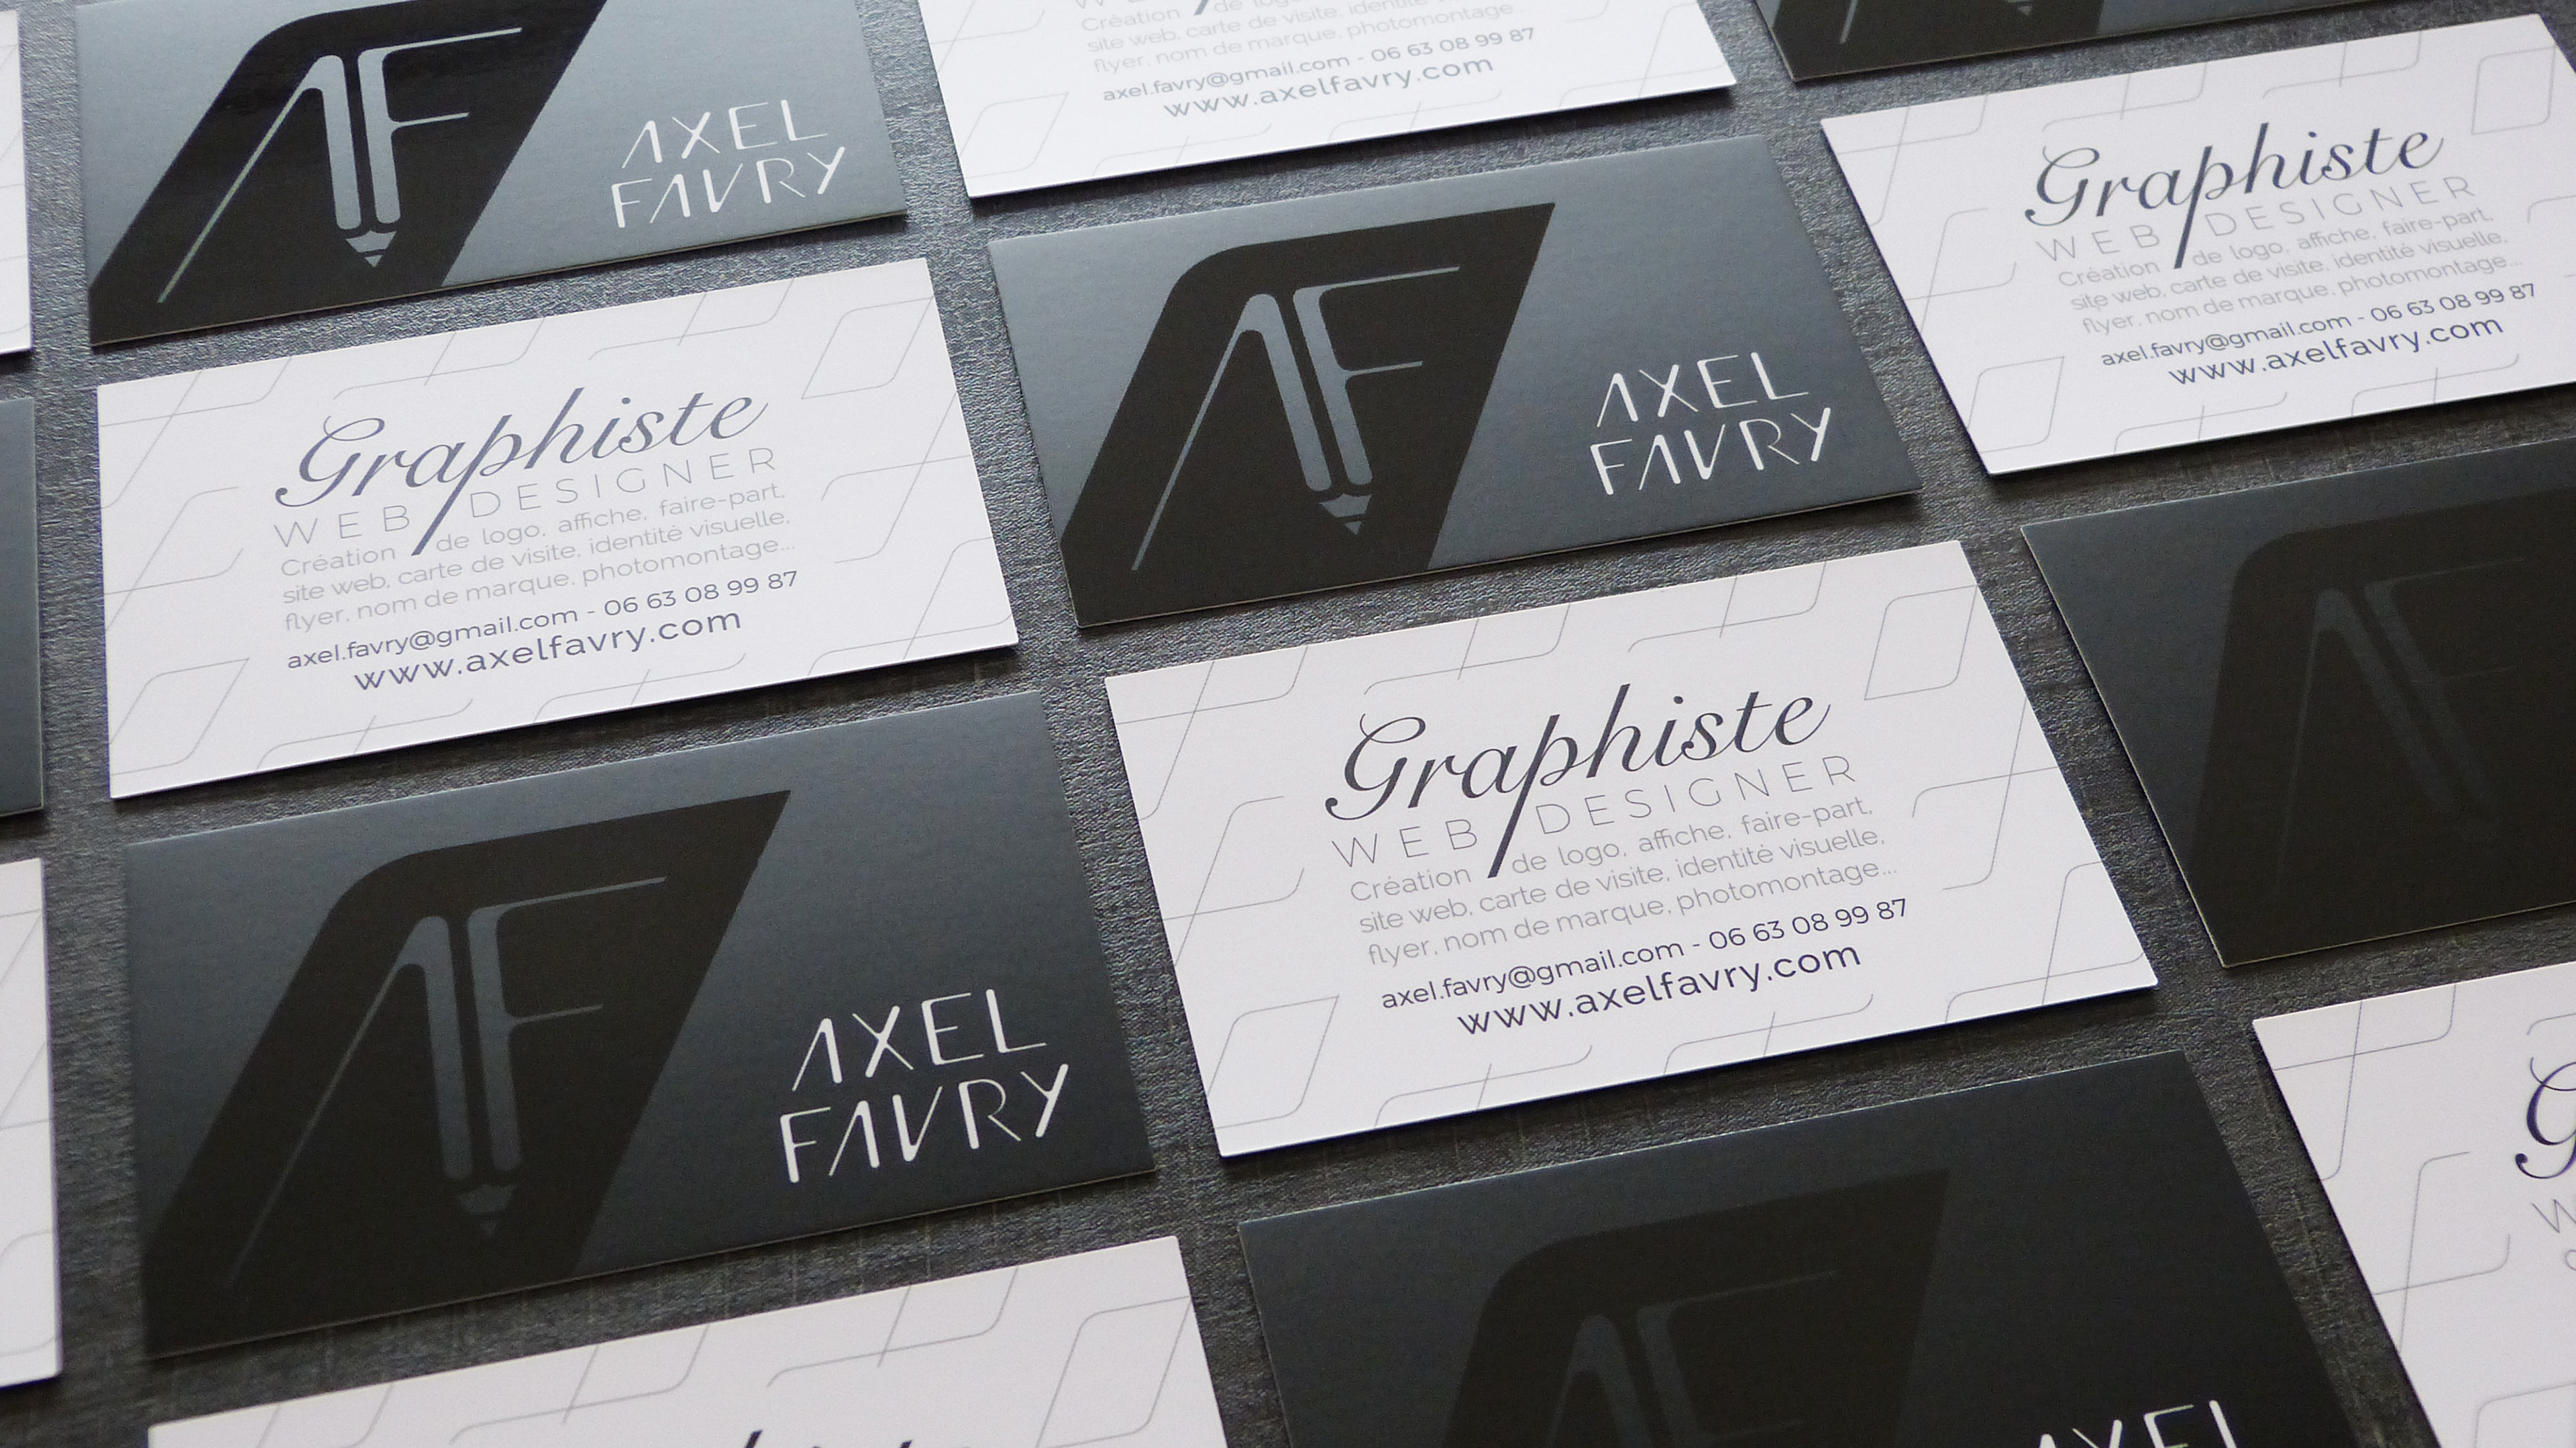 Et Dautant Plus Pour Un Graphiste Crant Lui Mme Le Design Qui La Carte De Visite Reflte Fois Limage Son Activit Rvle Image